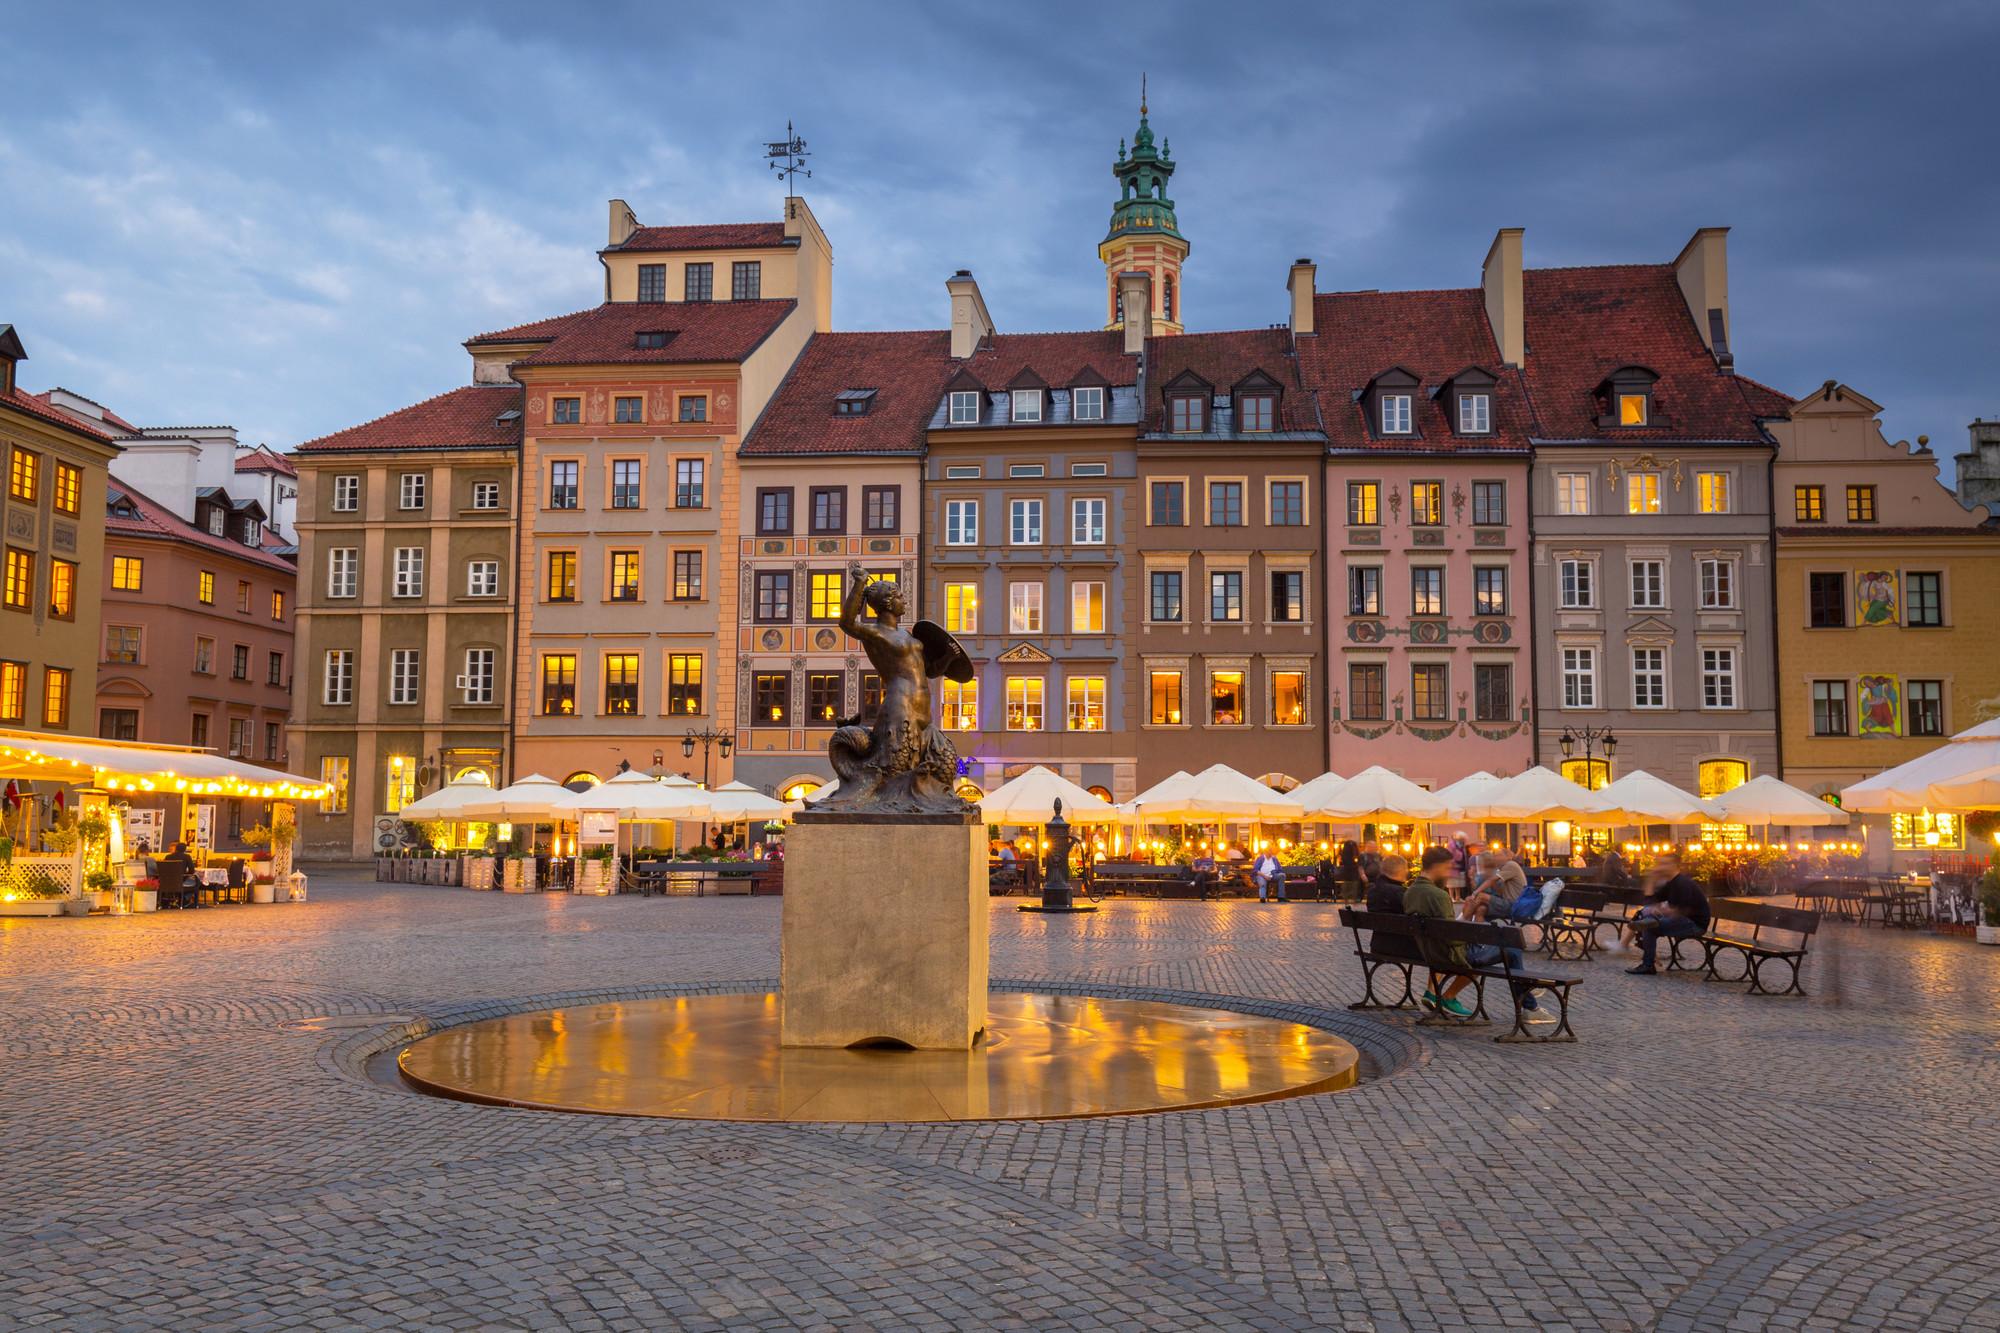 المدينة القديمة من اهم معالم السياحة في وارسو